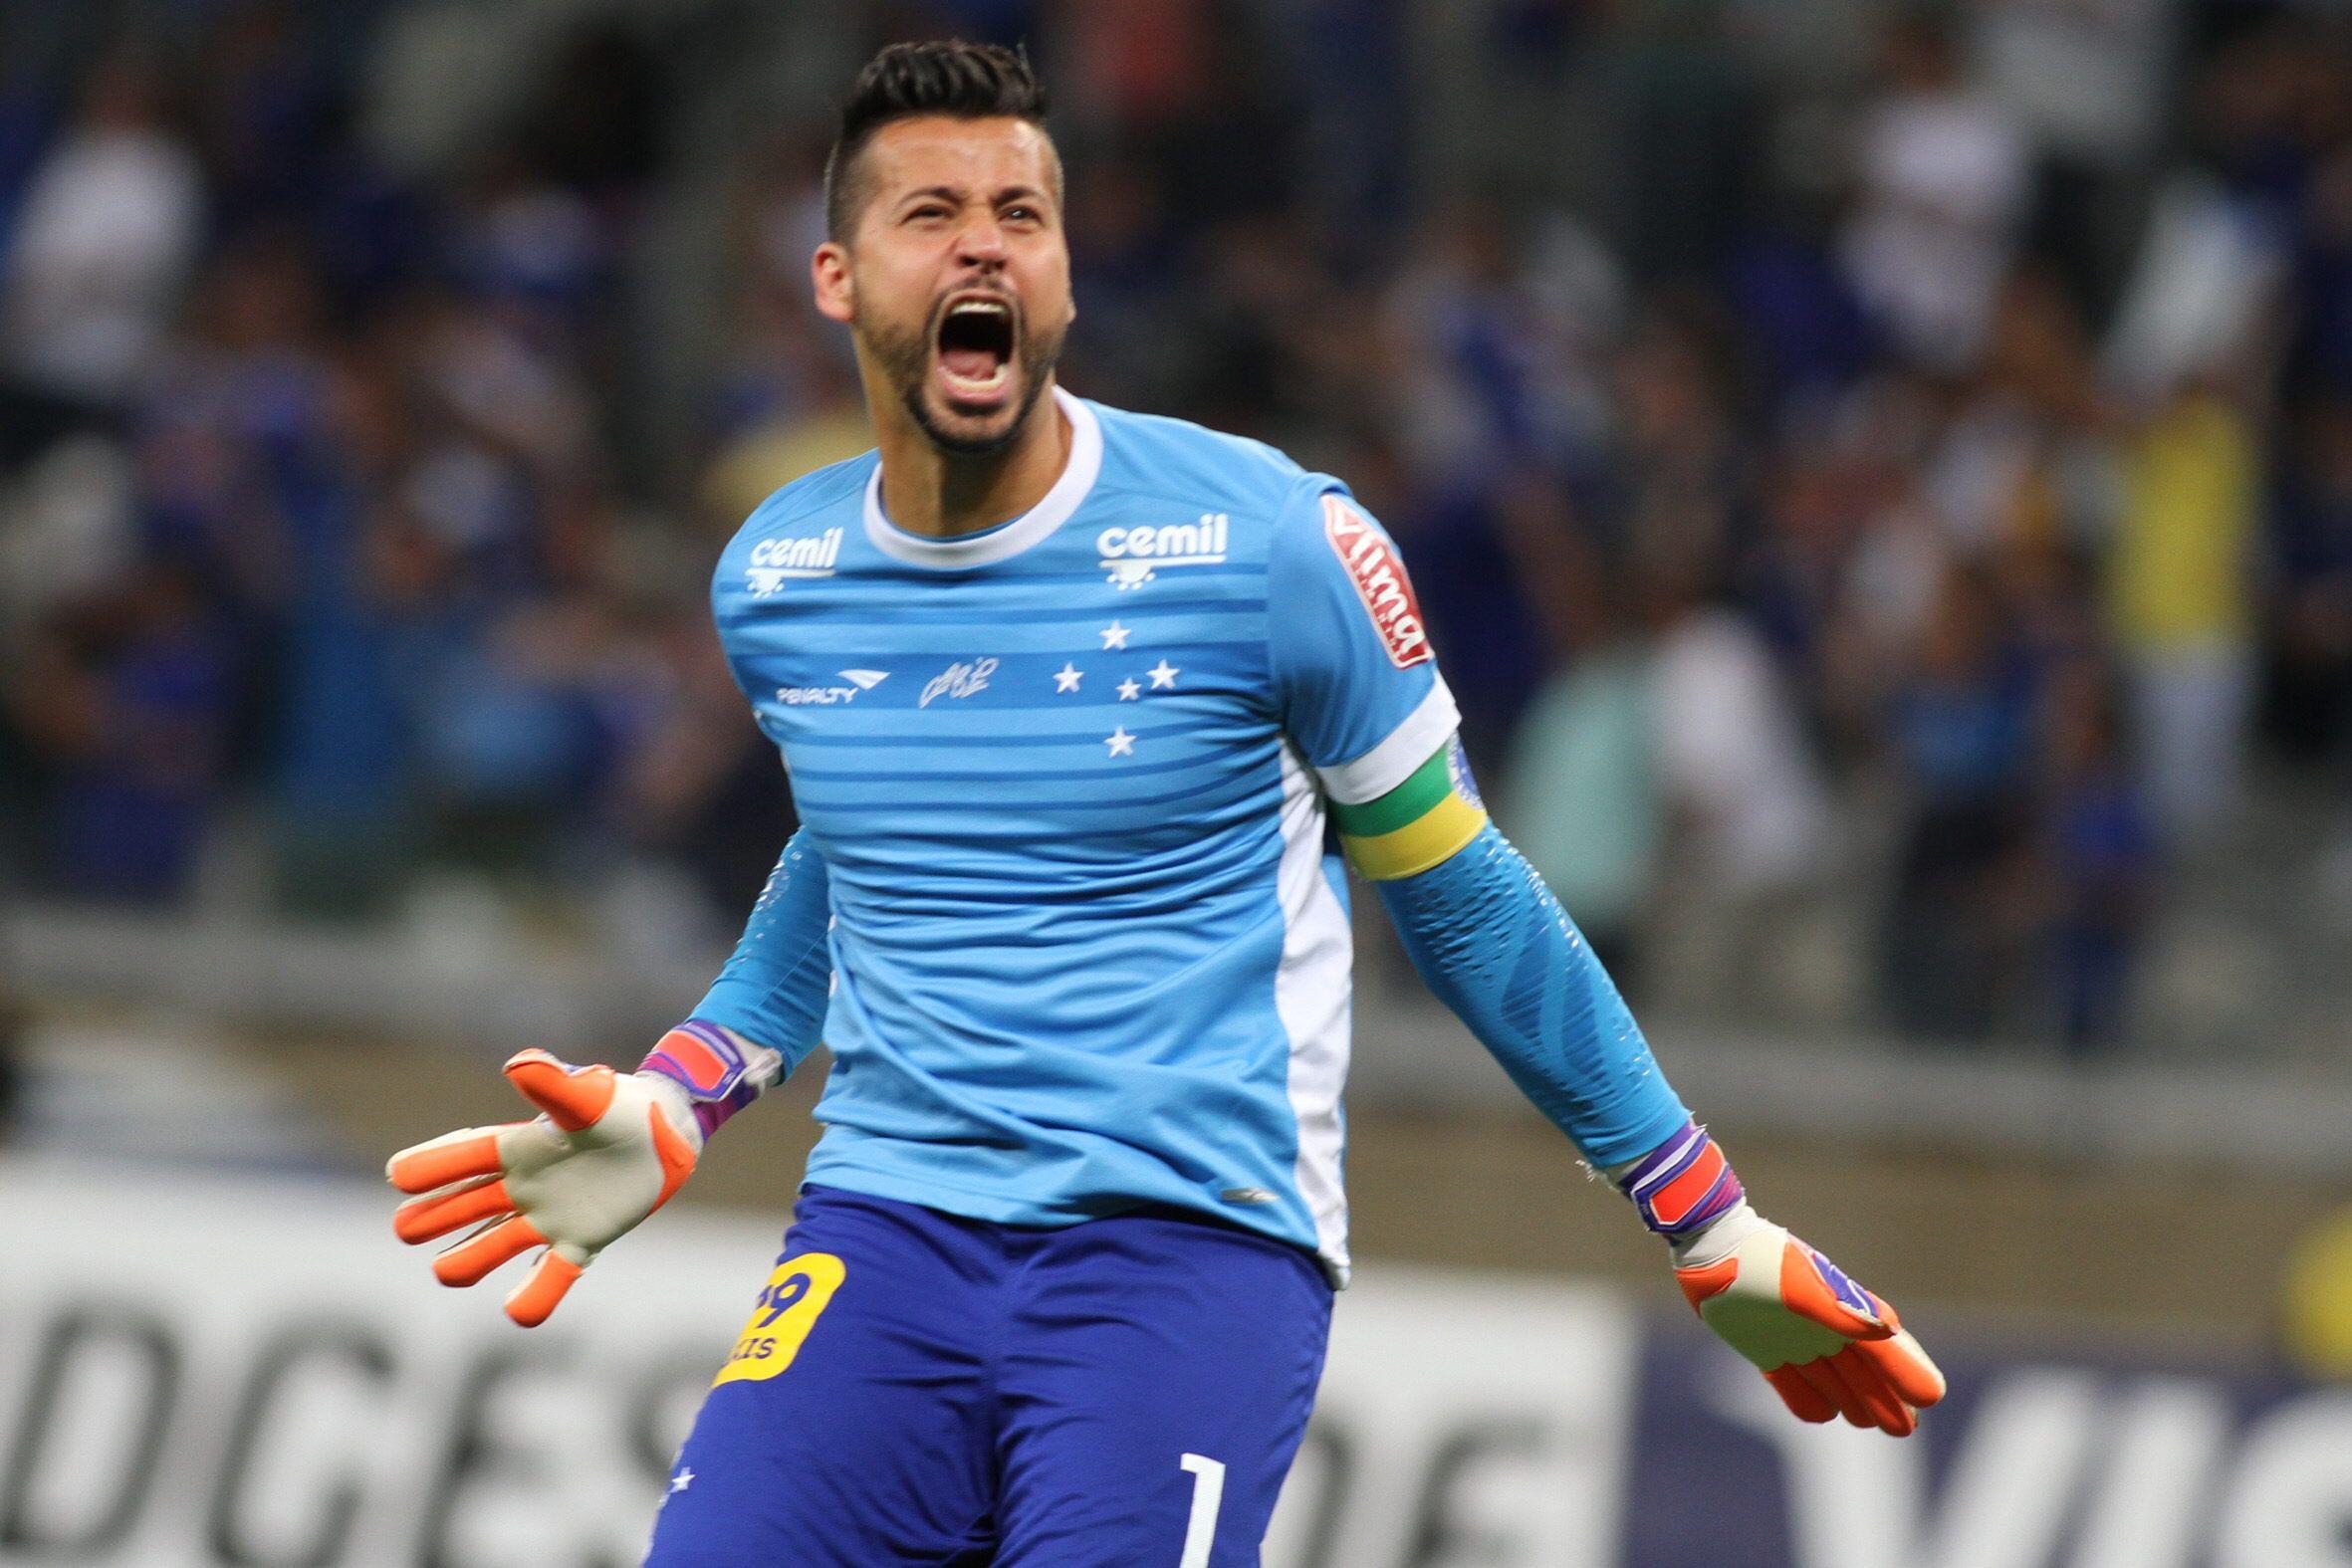 Jornal revela que Flamengo sondou o goleiro Fábio do Cruzeiro ... 9f5fd1e853c04